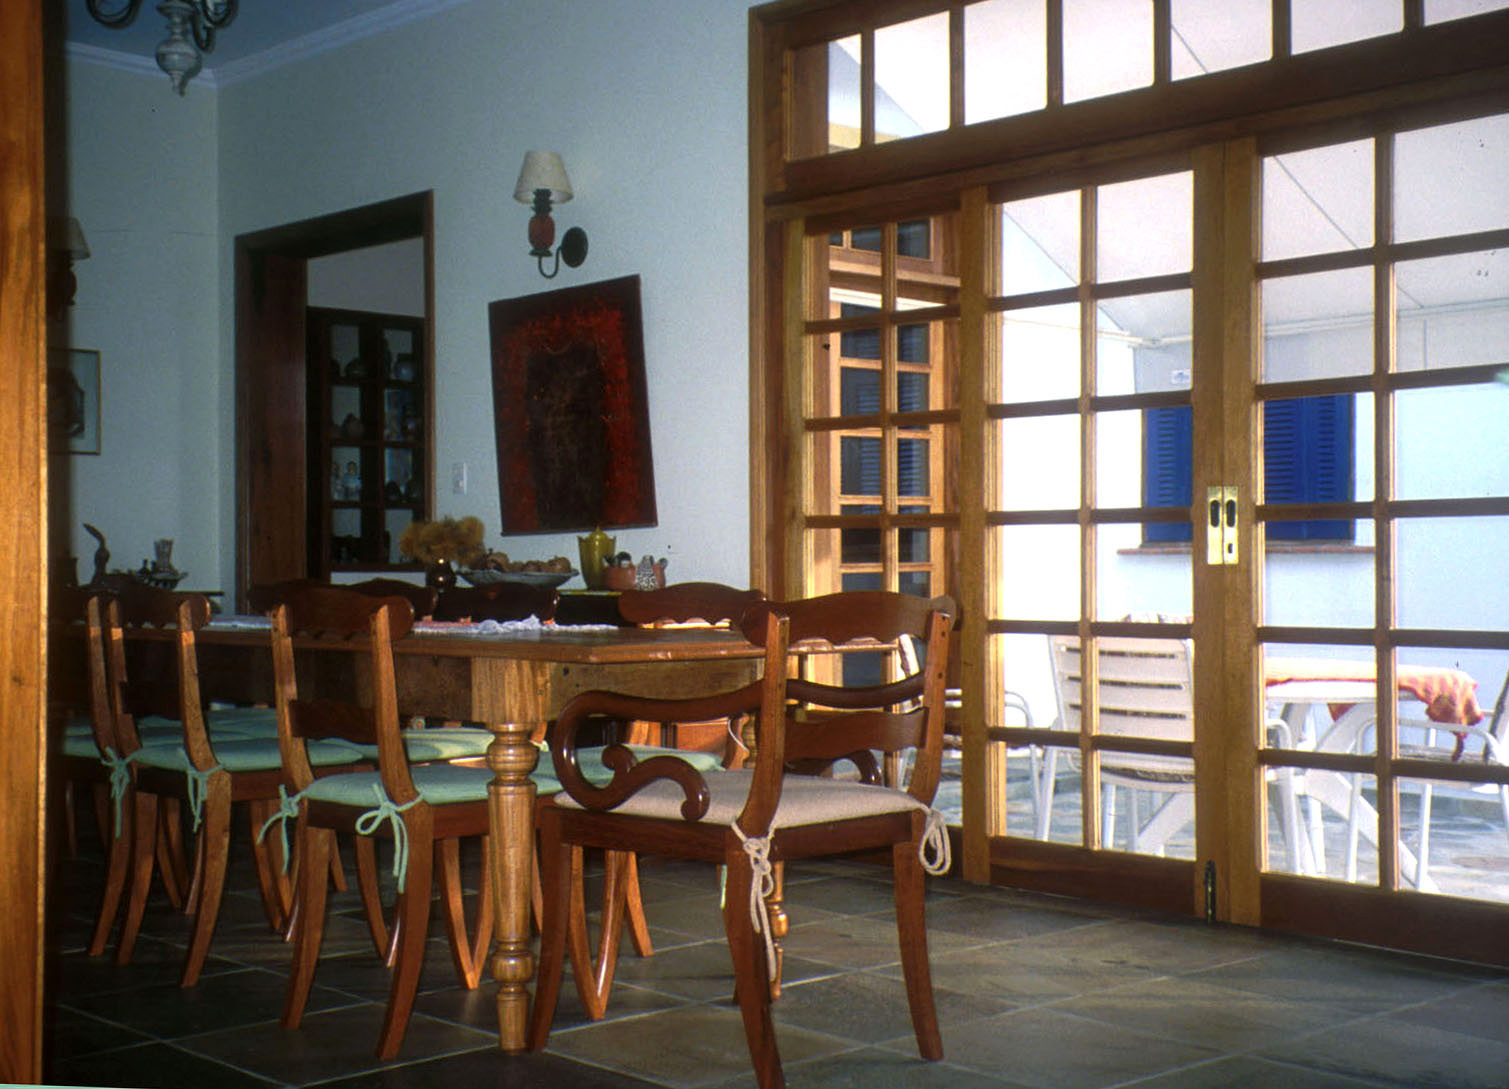 Reforma Casa Colonial - Jantar